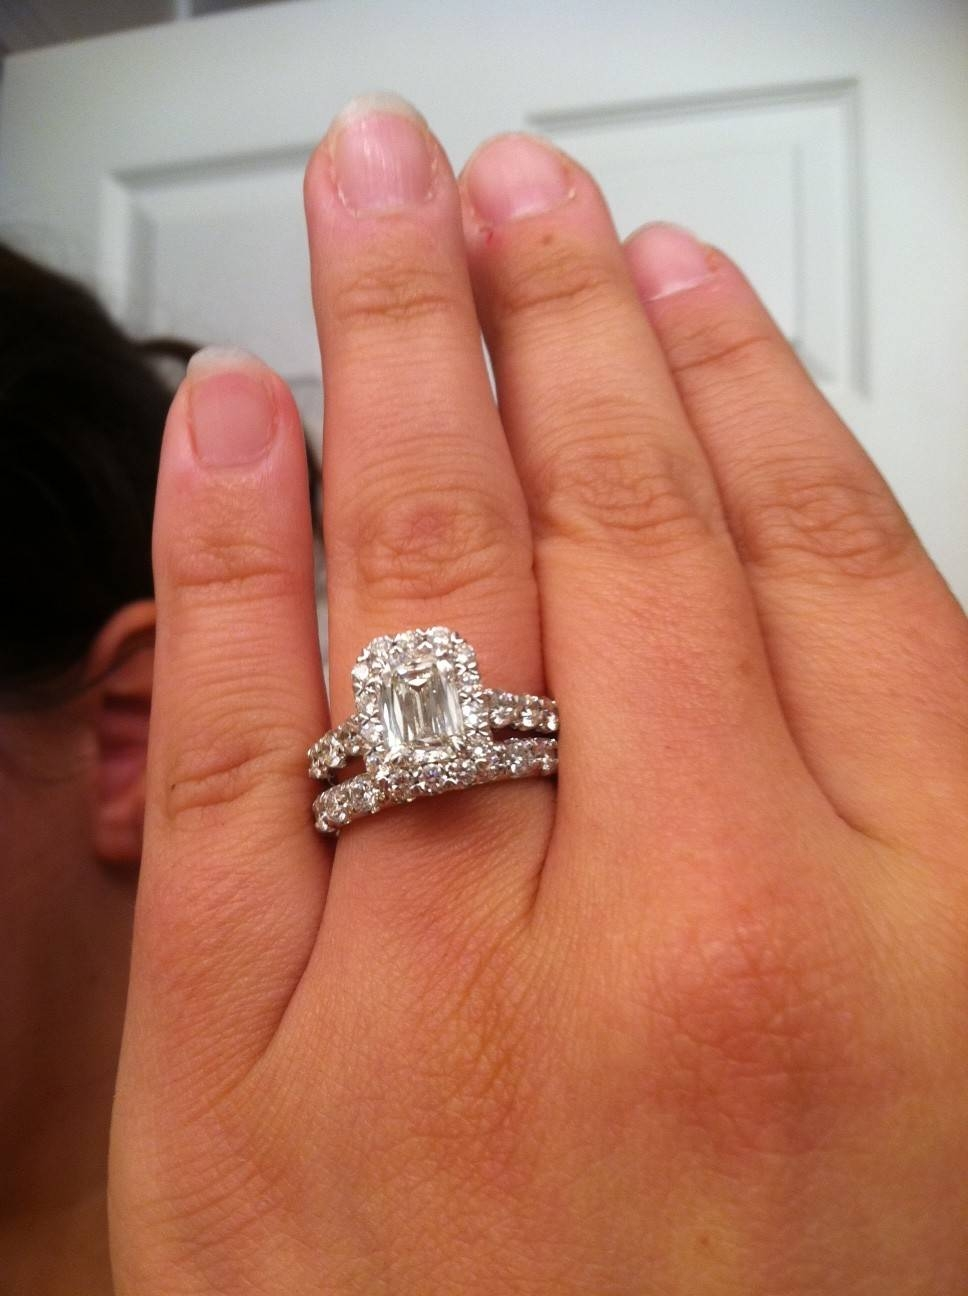 Swish 2 0 Carat Diamond Engagement Ring 15 Carat Canary Diamond Ring 15 Carat Cushion Cut Diamond Ring Free Diamond Rings 2 Carat Single Diamond Ring 2 Carat Single wedding rings 15 Carat Diamond Ring